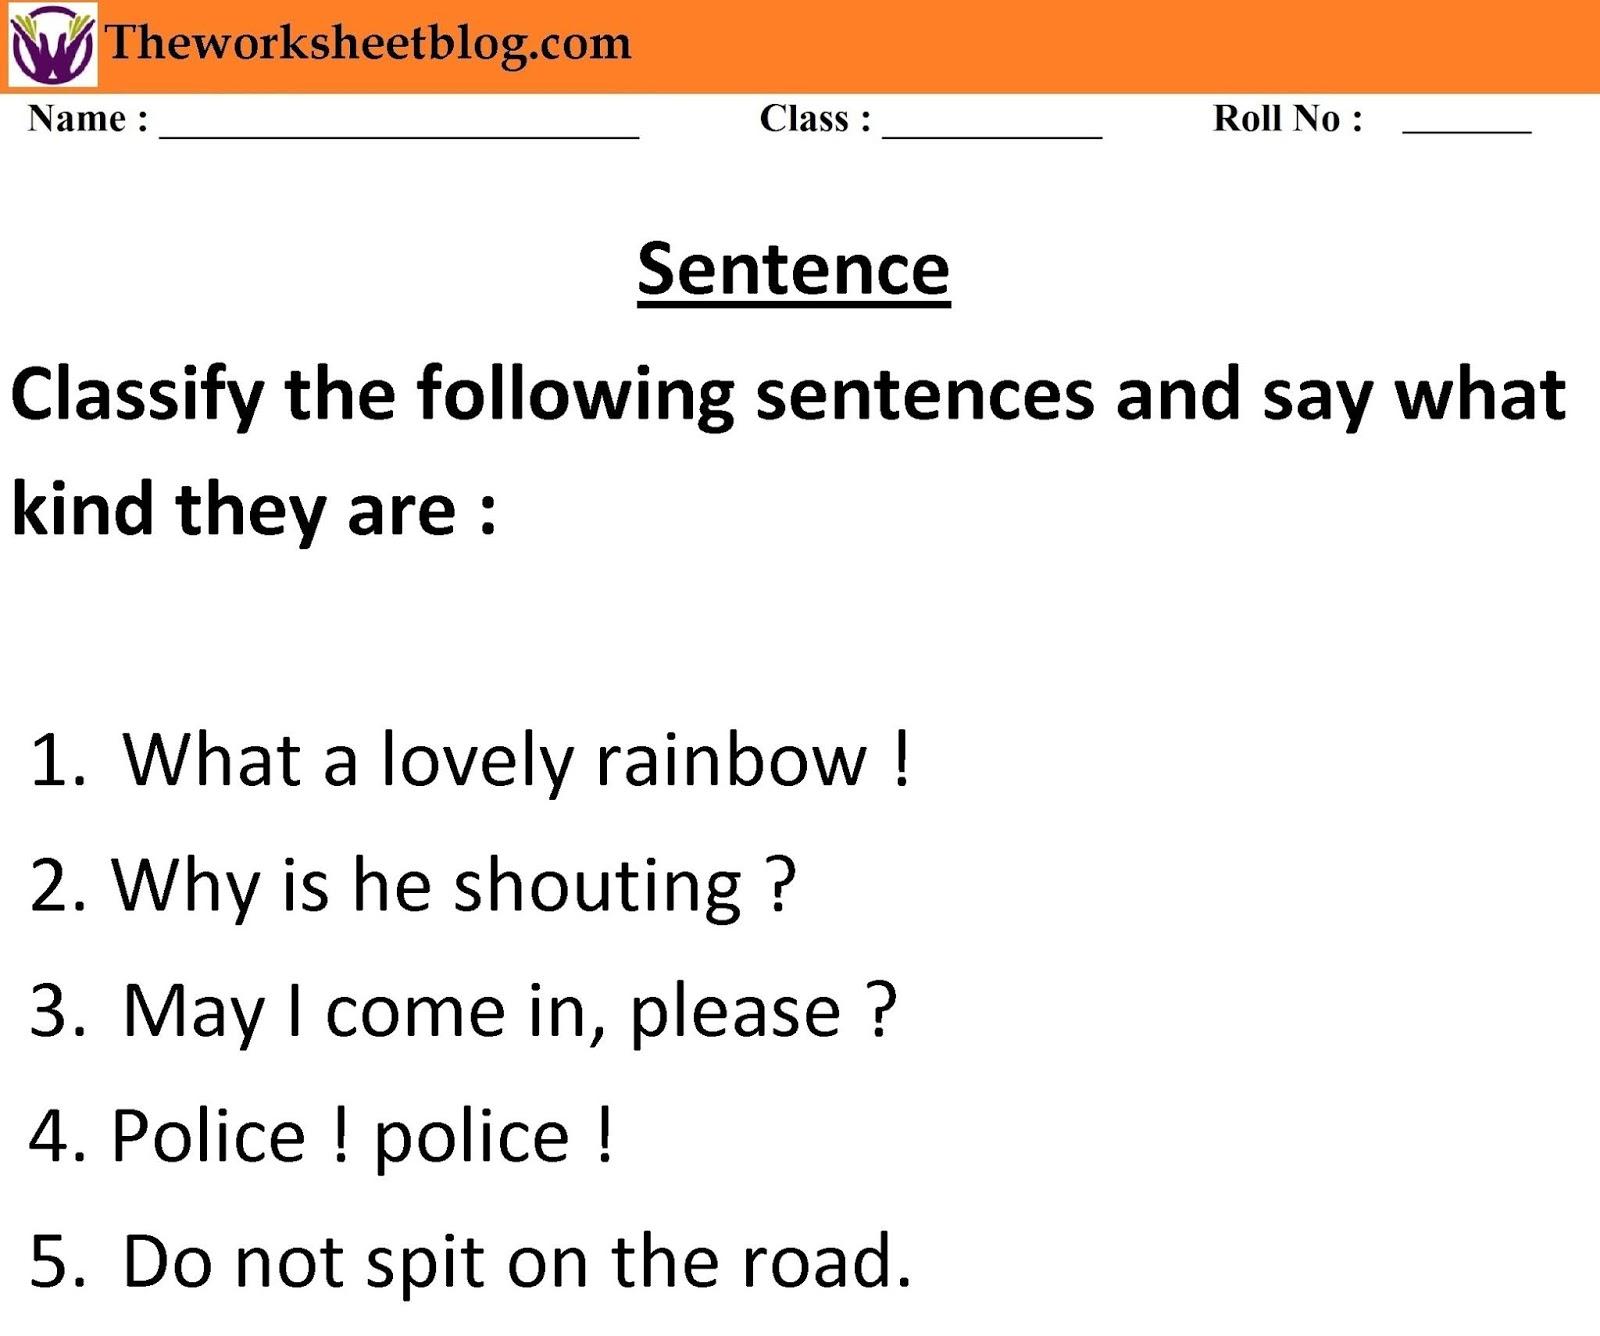 Sentence and kind of sentences worksheet. - Theworksheetsblog [ 1336 x 1600 Pixel ]